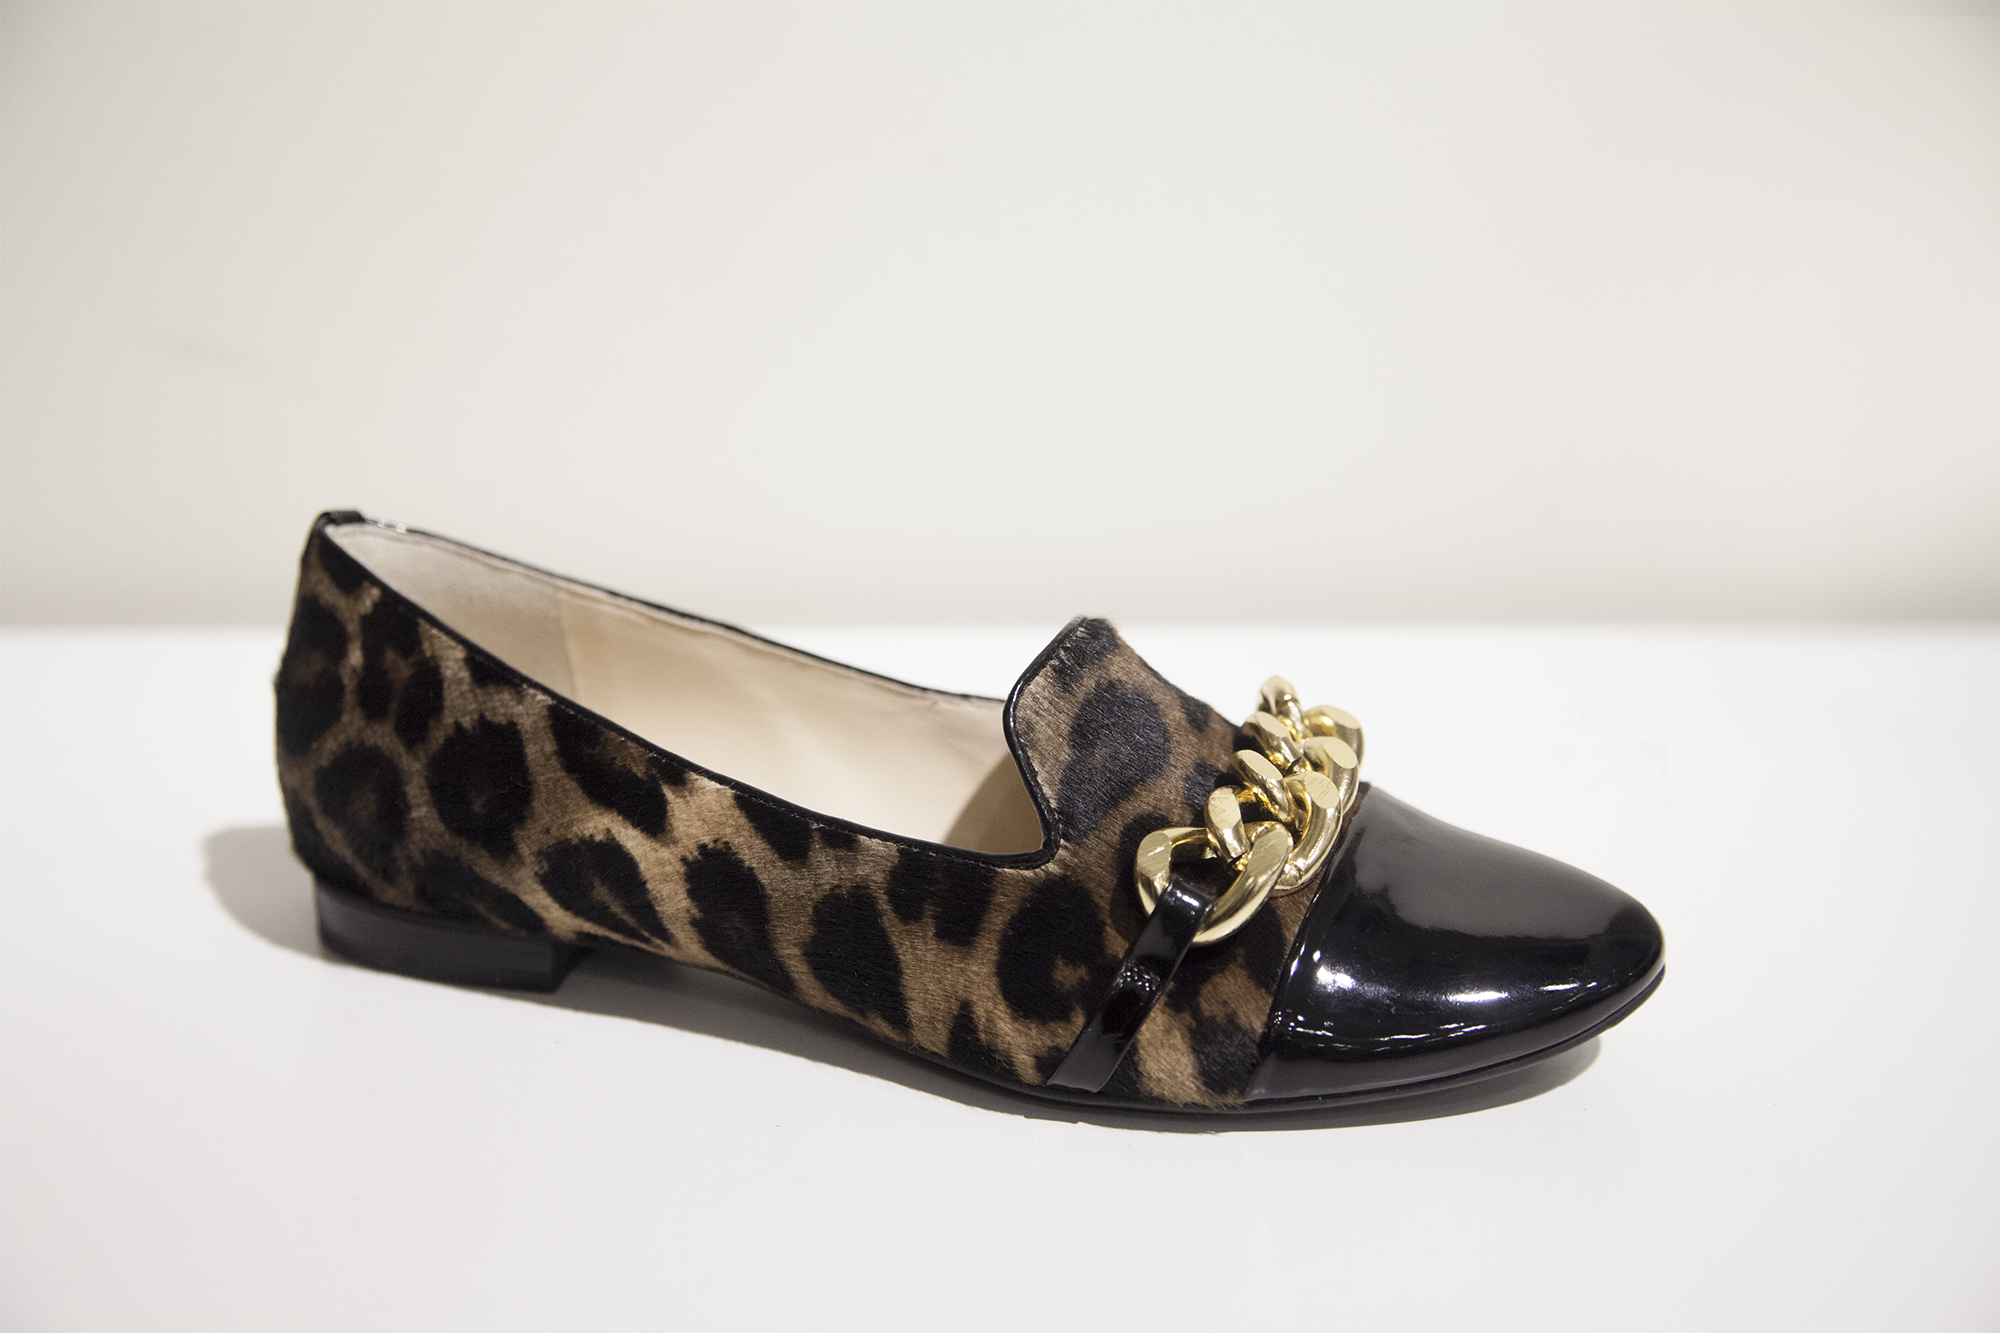 sko-og-vesker-til-nyttarsfesten-leopardsko